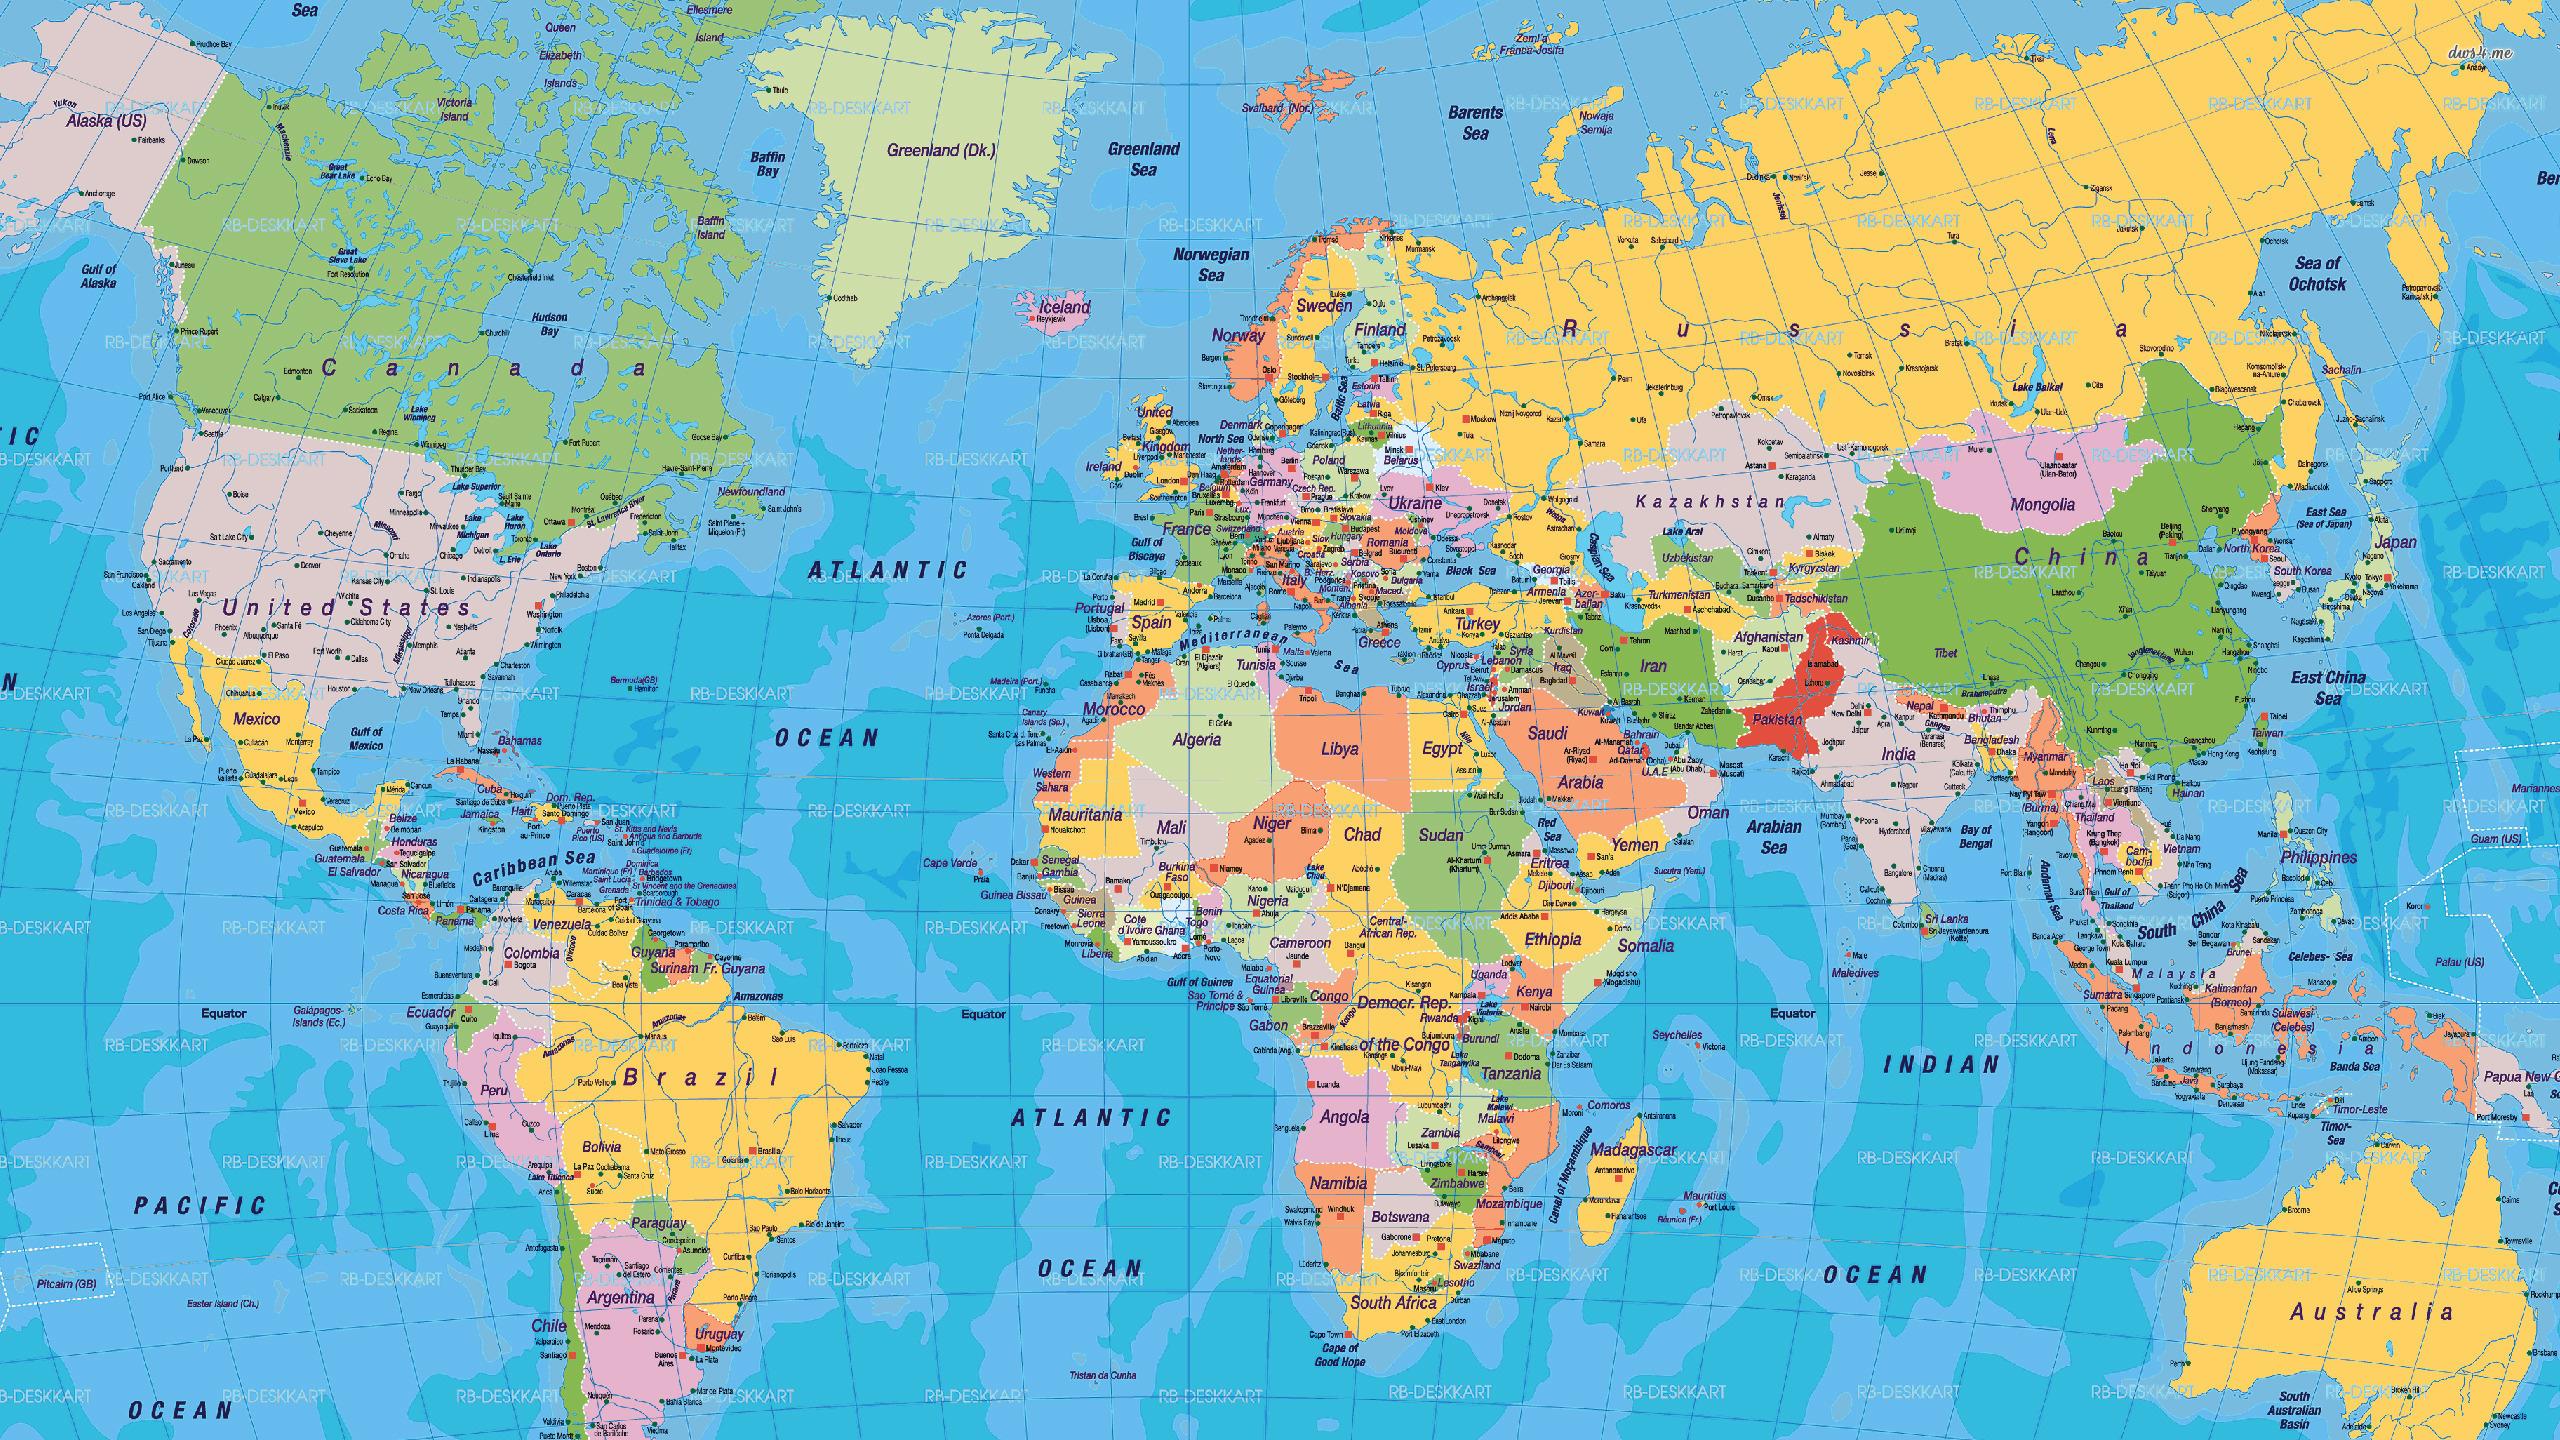 ... World map wallpaper 2560x1440 ...